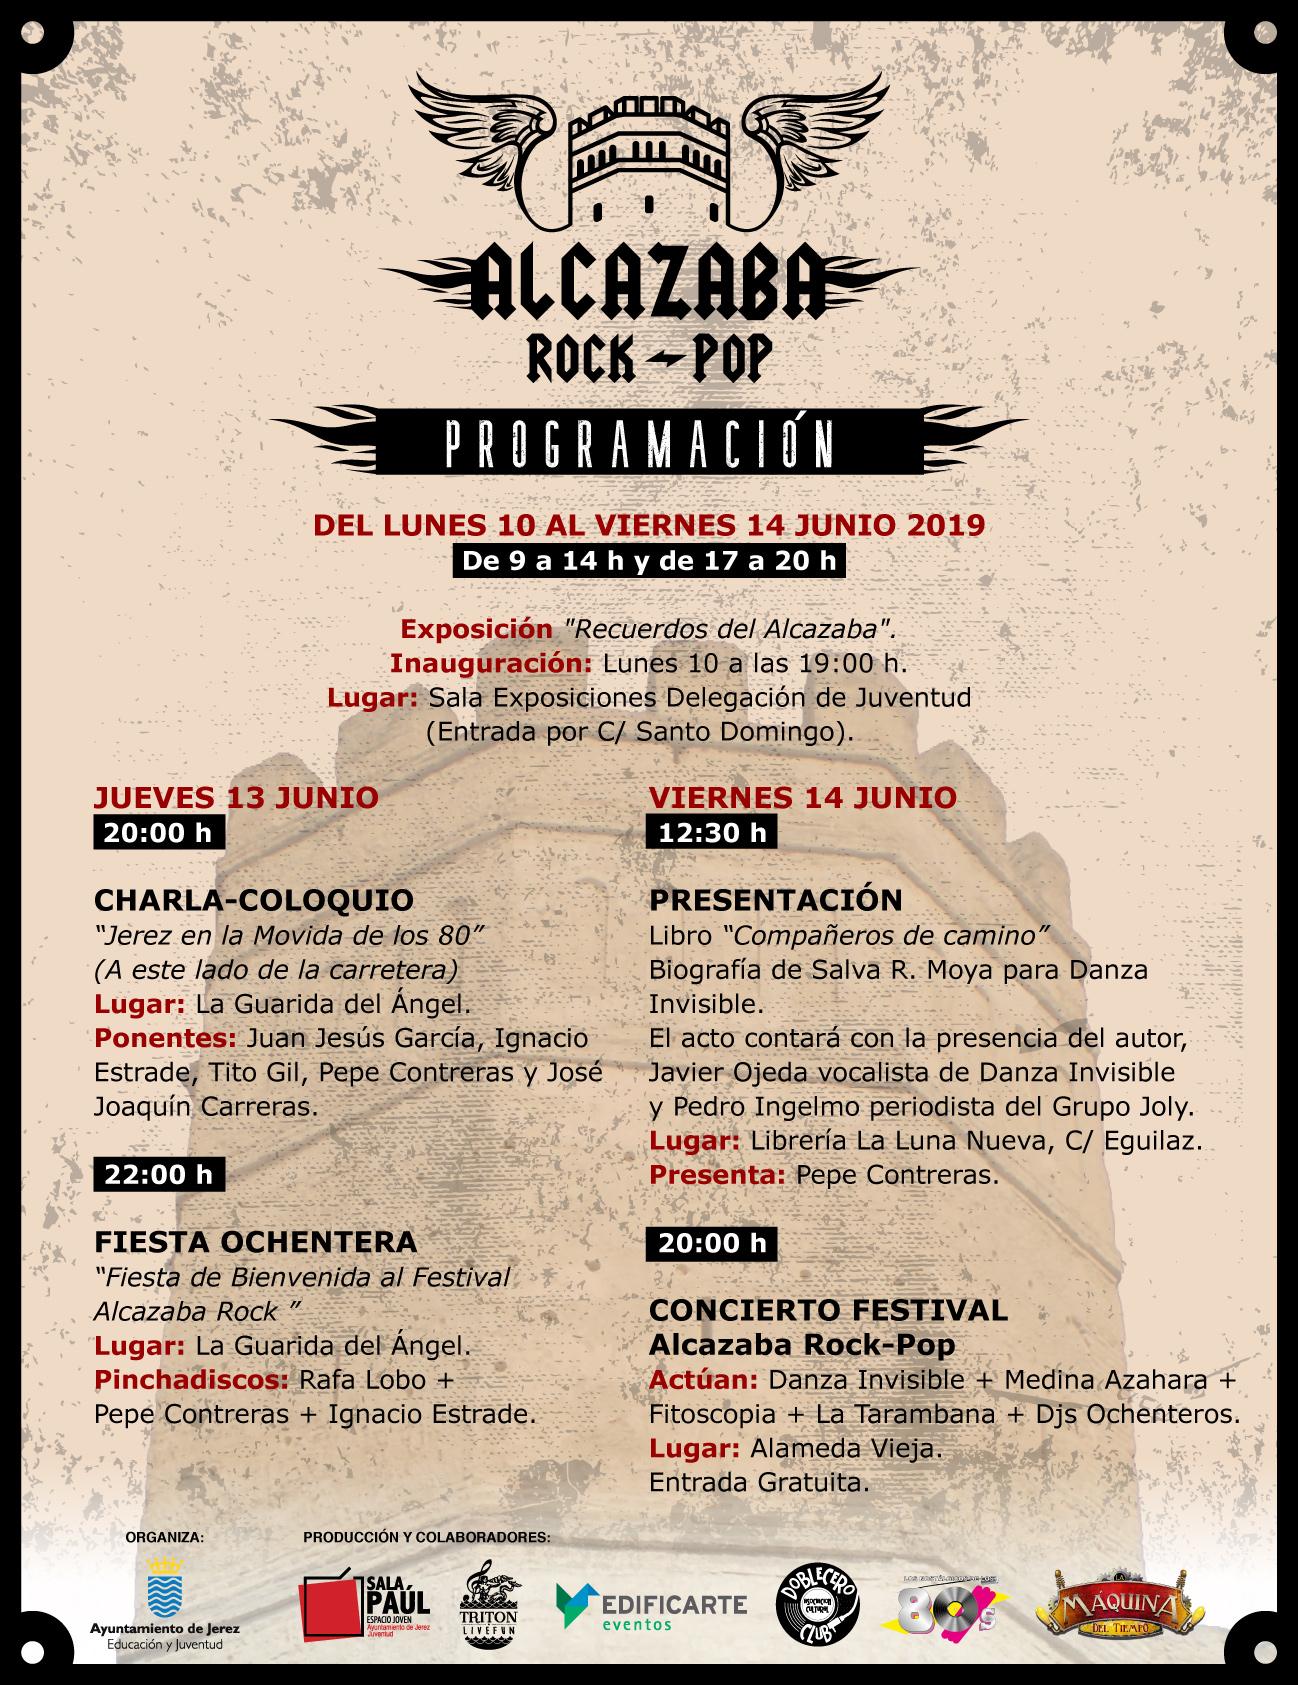 Programacion Alcazaba Rock Pop